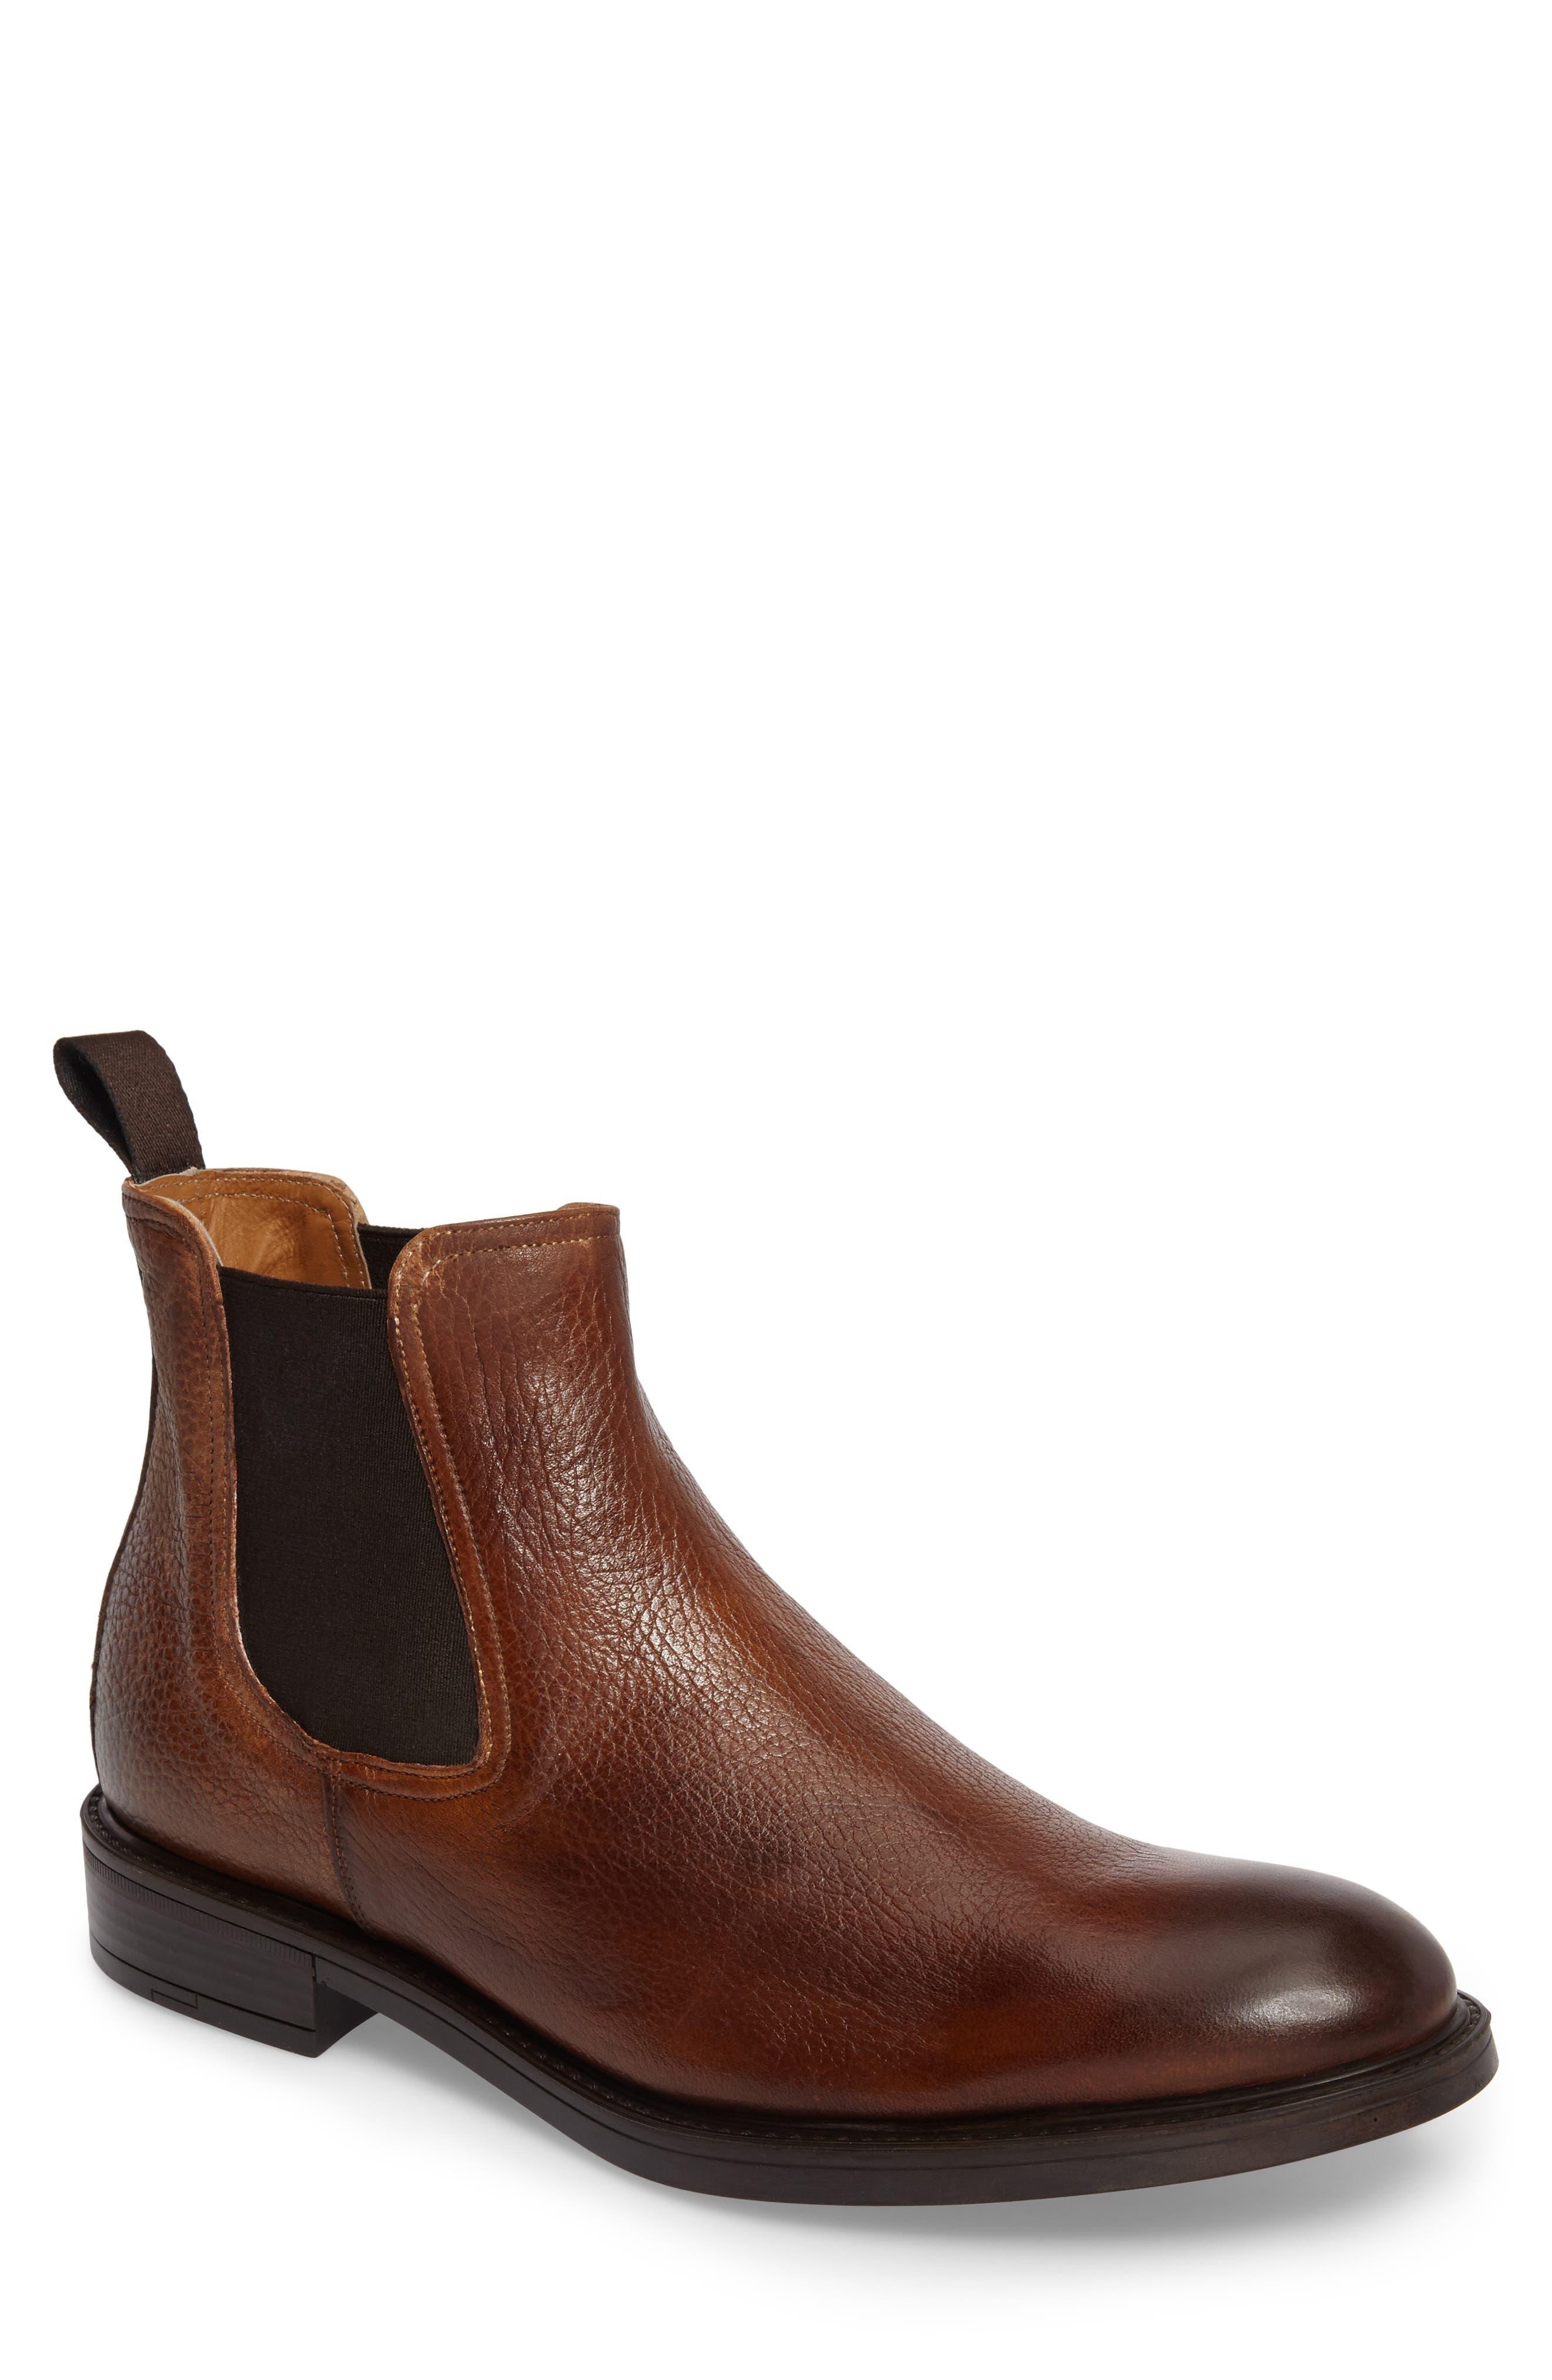 Chelsea Boot,                             Main thumbnail 1, color,                             Cognac Leather